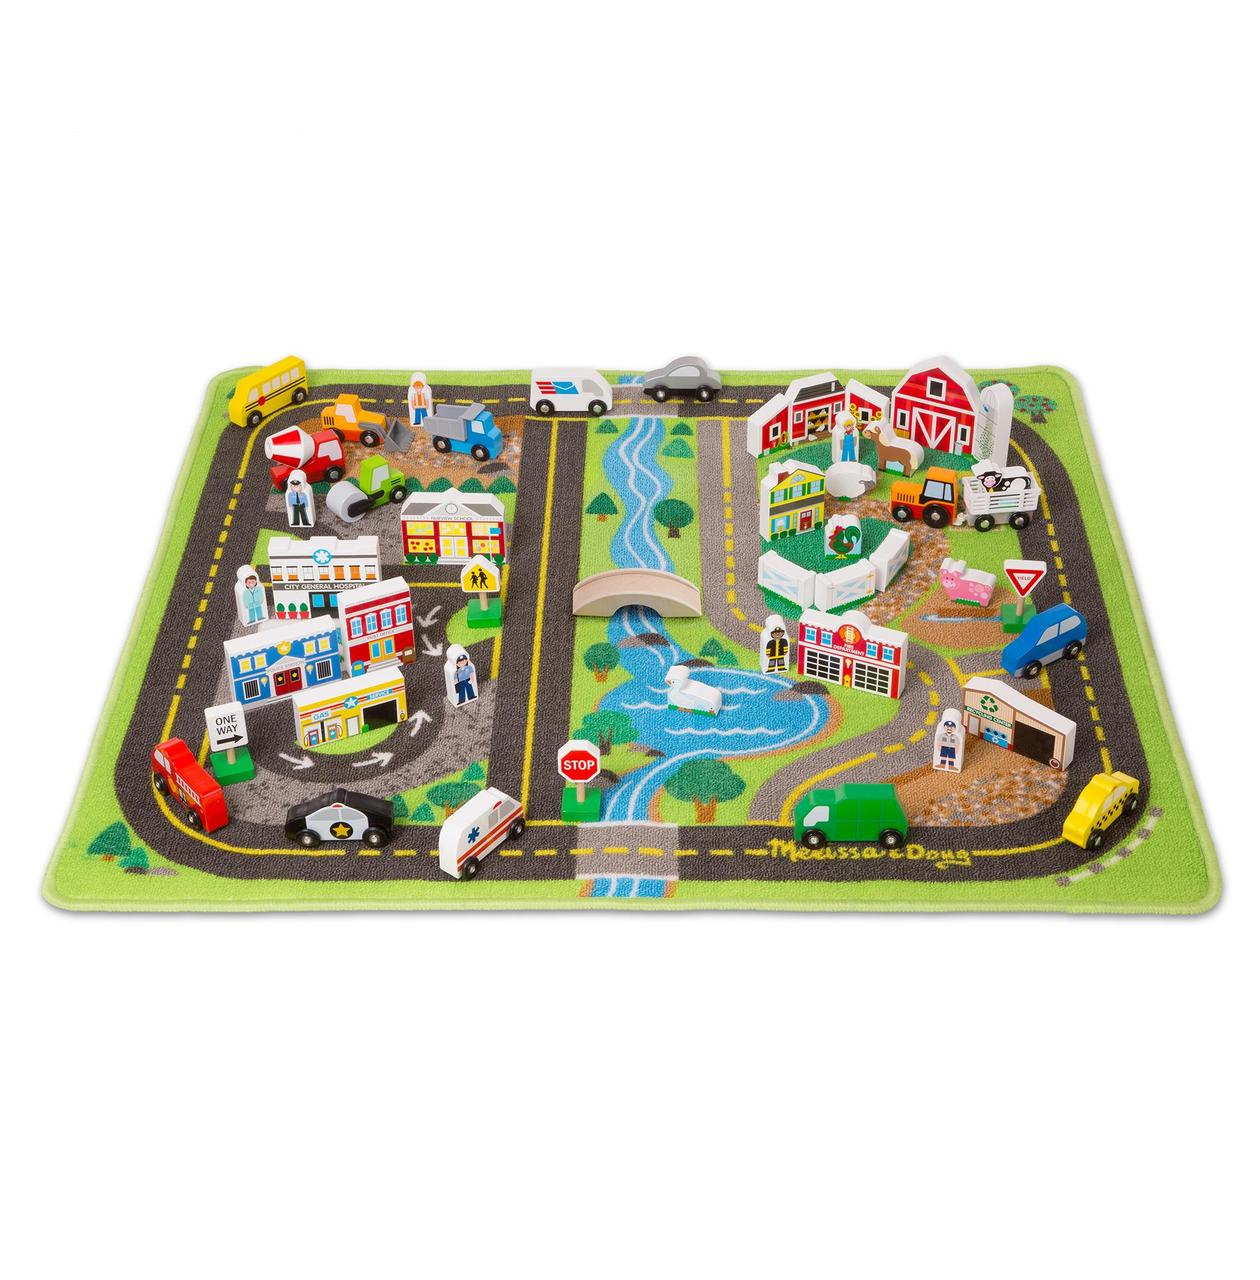 """Игровой коврик Melissa & Doug """"МЕГА Дорога"""" с деревянными игрушками"""